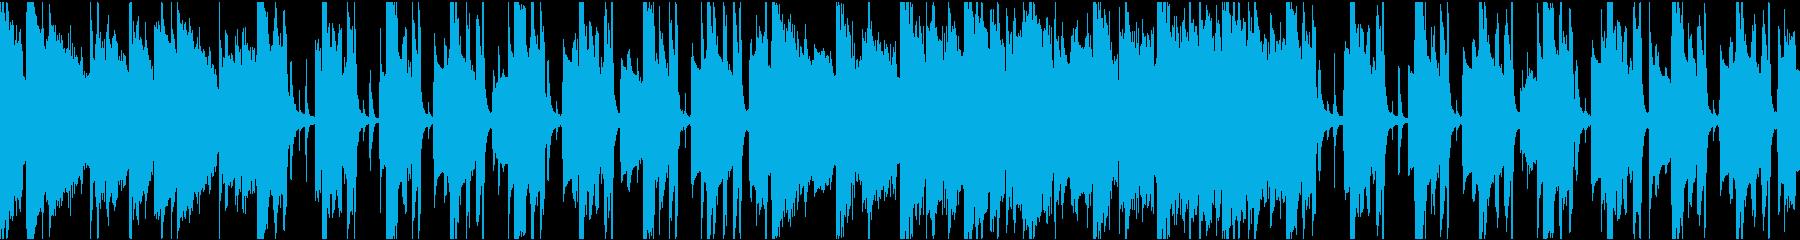 ゆったりコミカル/カラオケ/ループの再生済みの波形